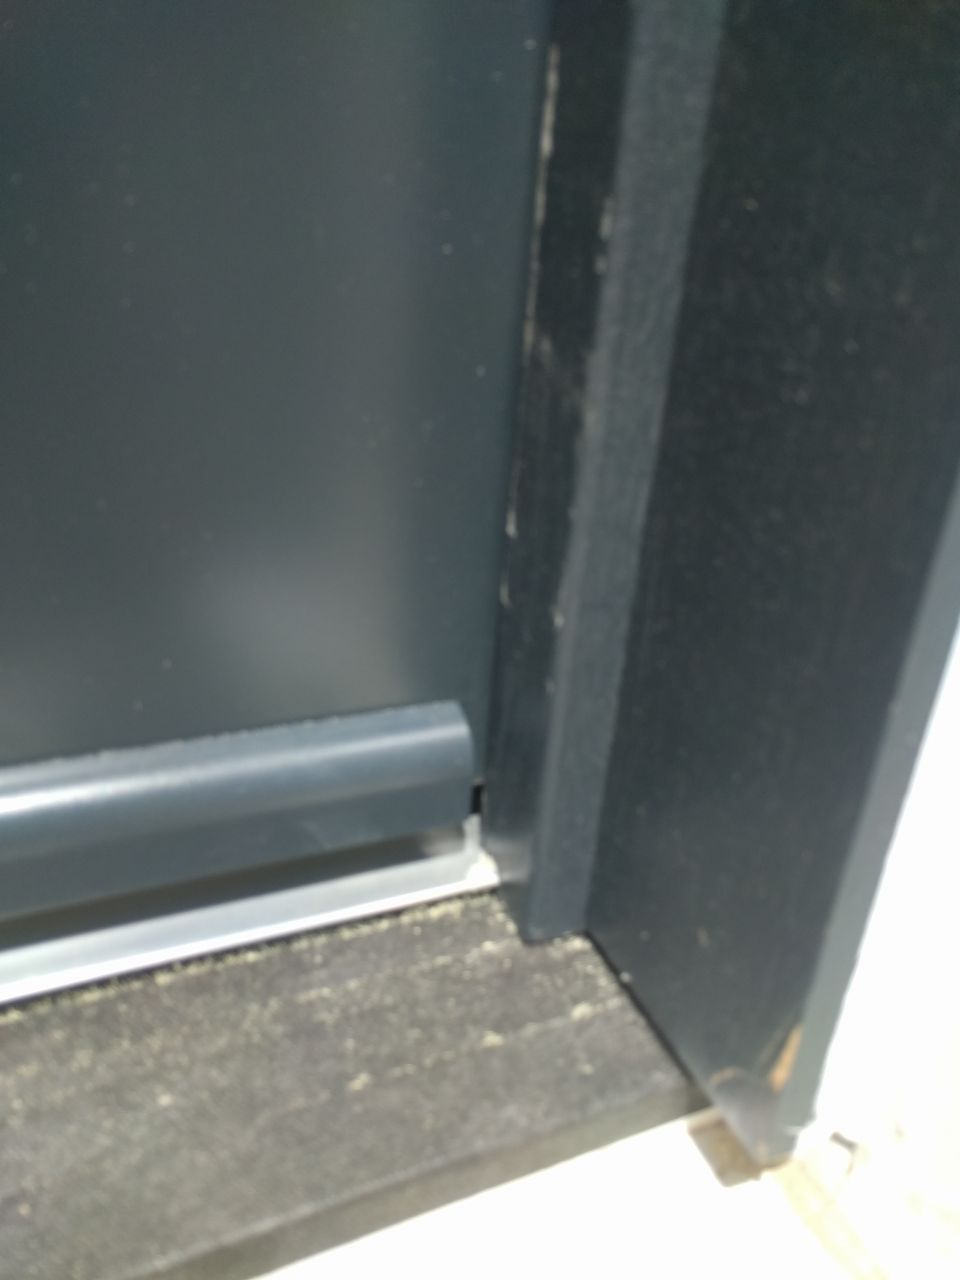 Cadre de la porte d'entrée abîmé